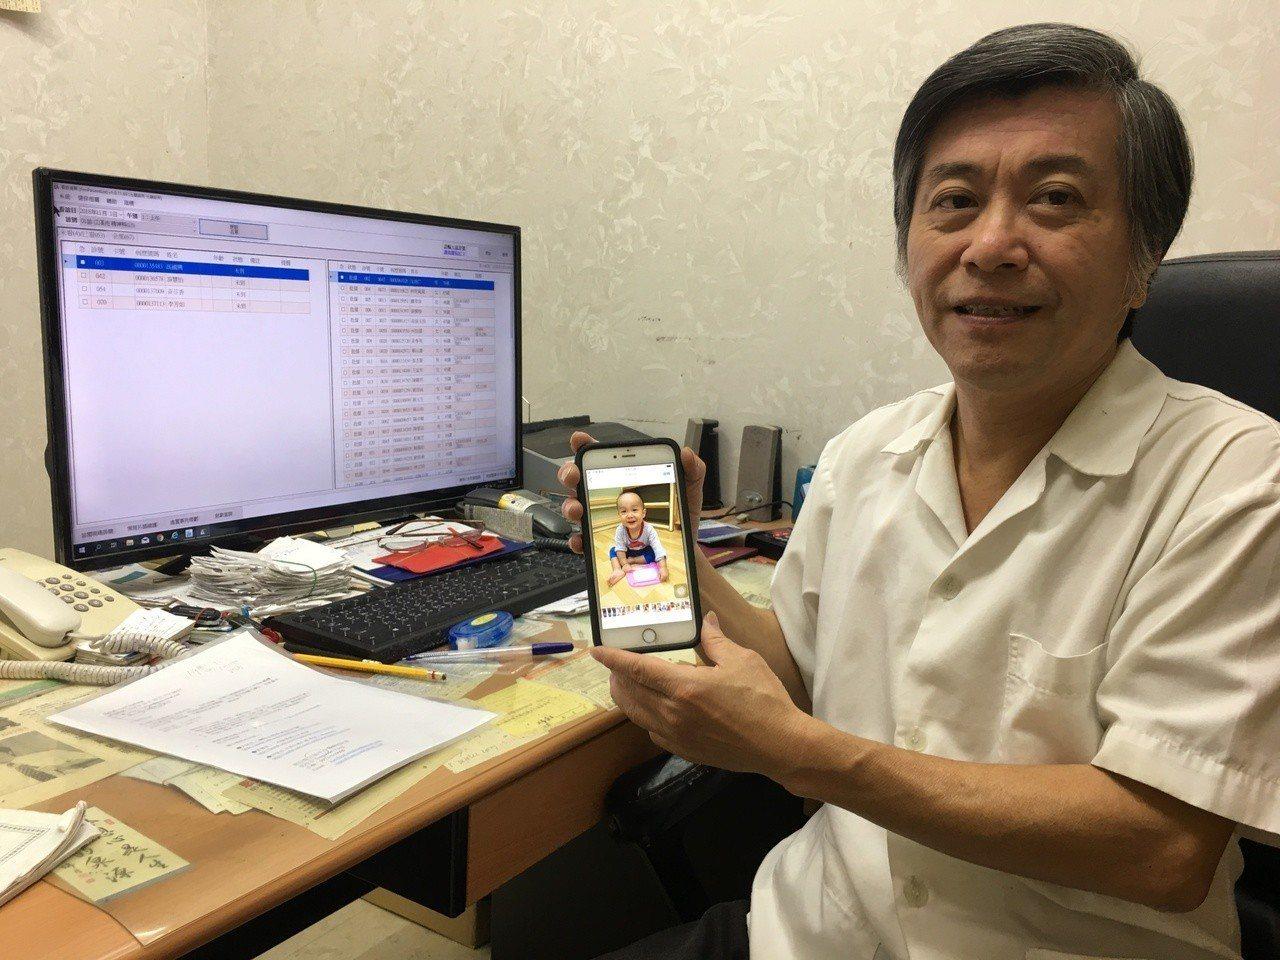 精神科名醫江漢光笑看自己的半聾半瞎,還成了手機重度使用者,每天當低頭族看孫子照片...